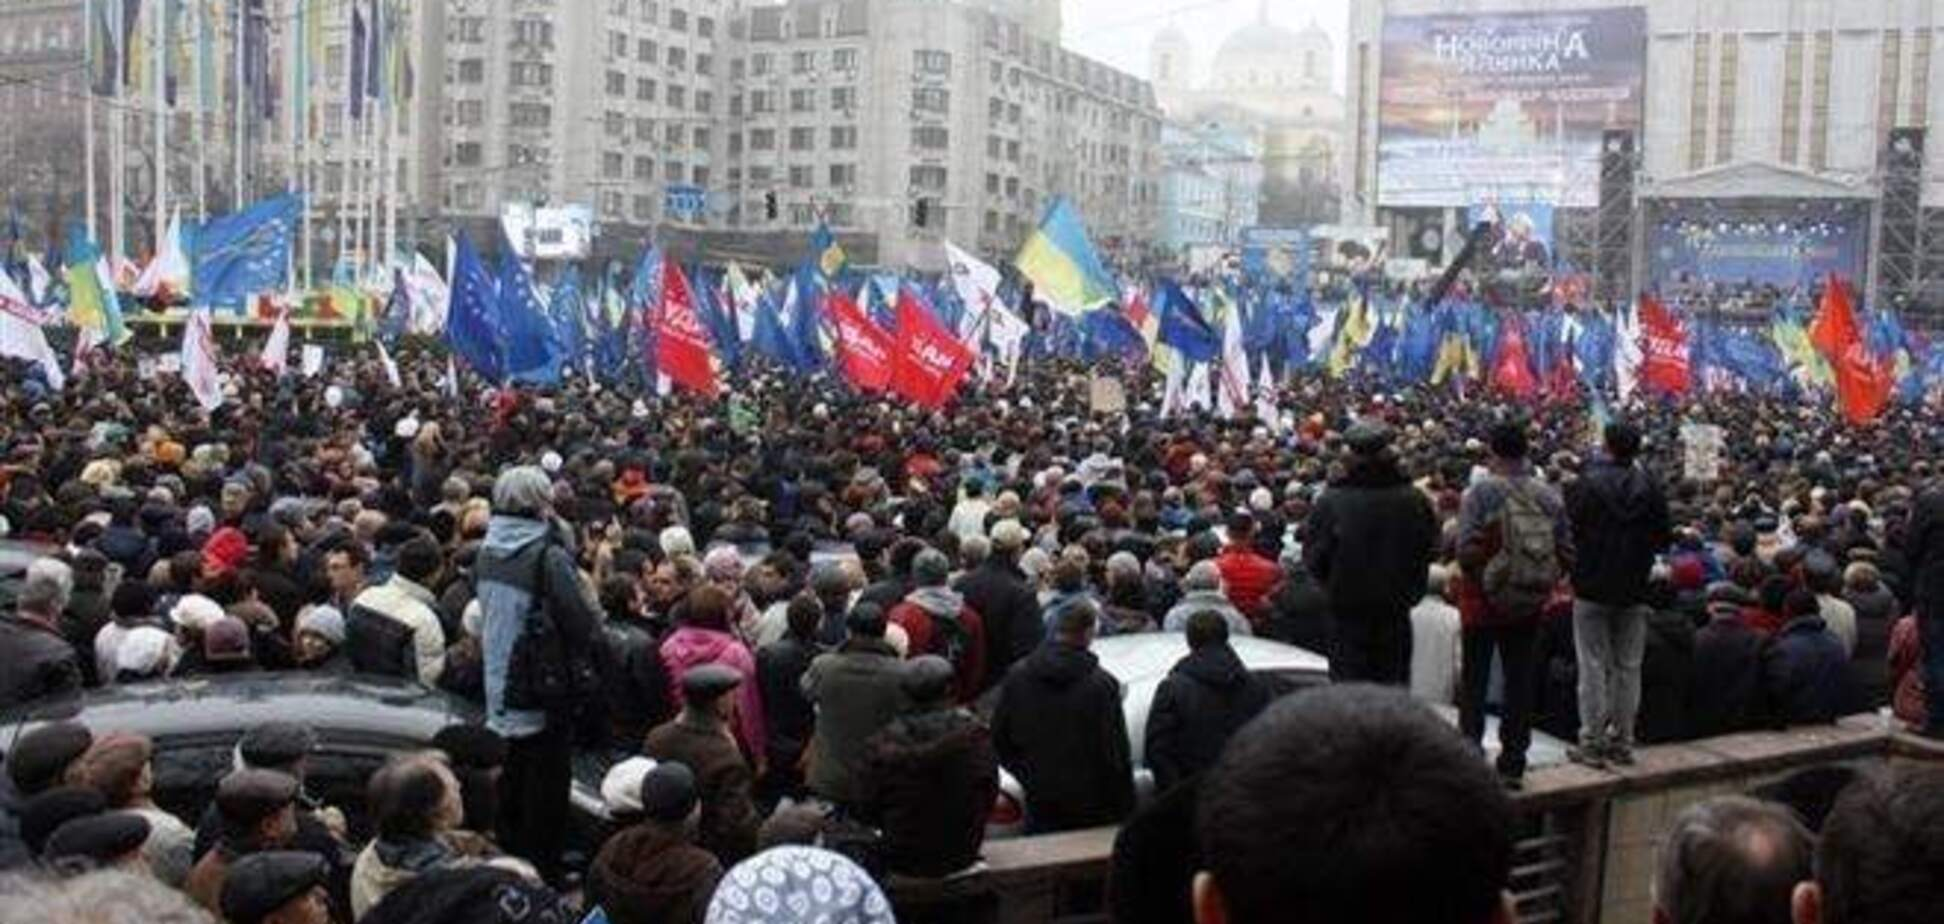 Активистам Евромайдана раздают марлевые повязки и оксолиновую мазь